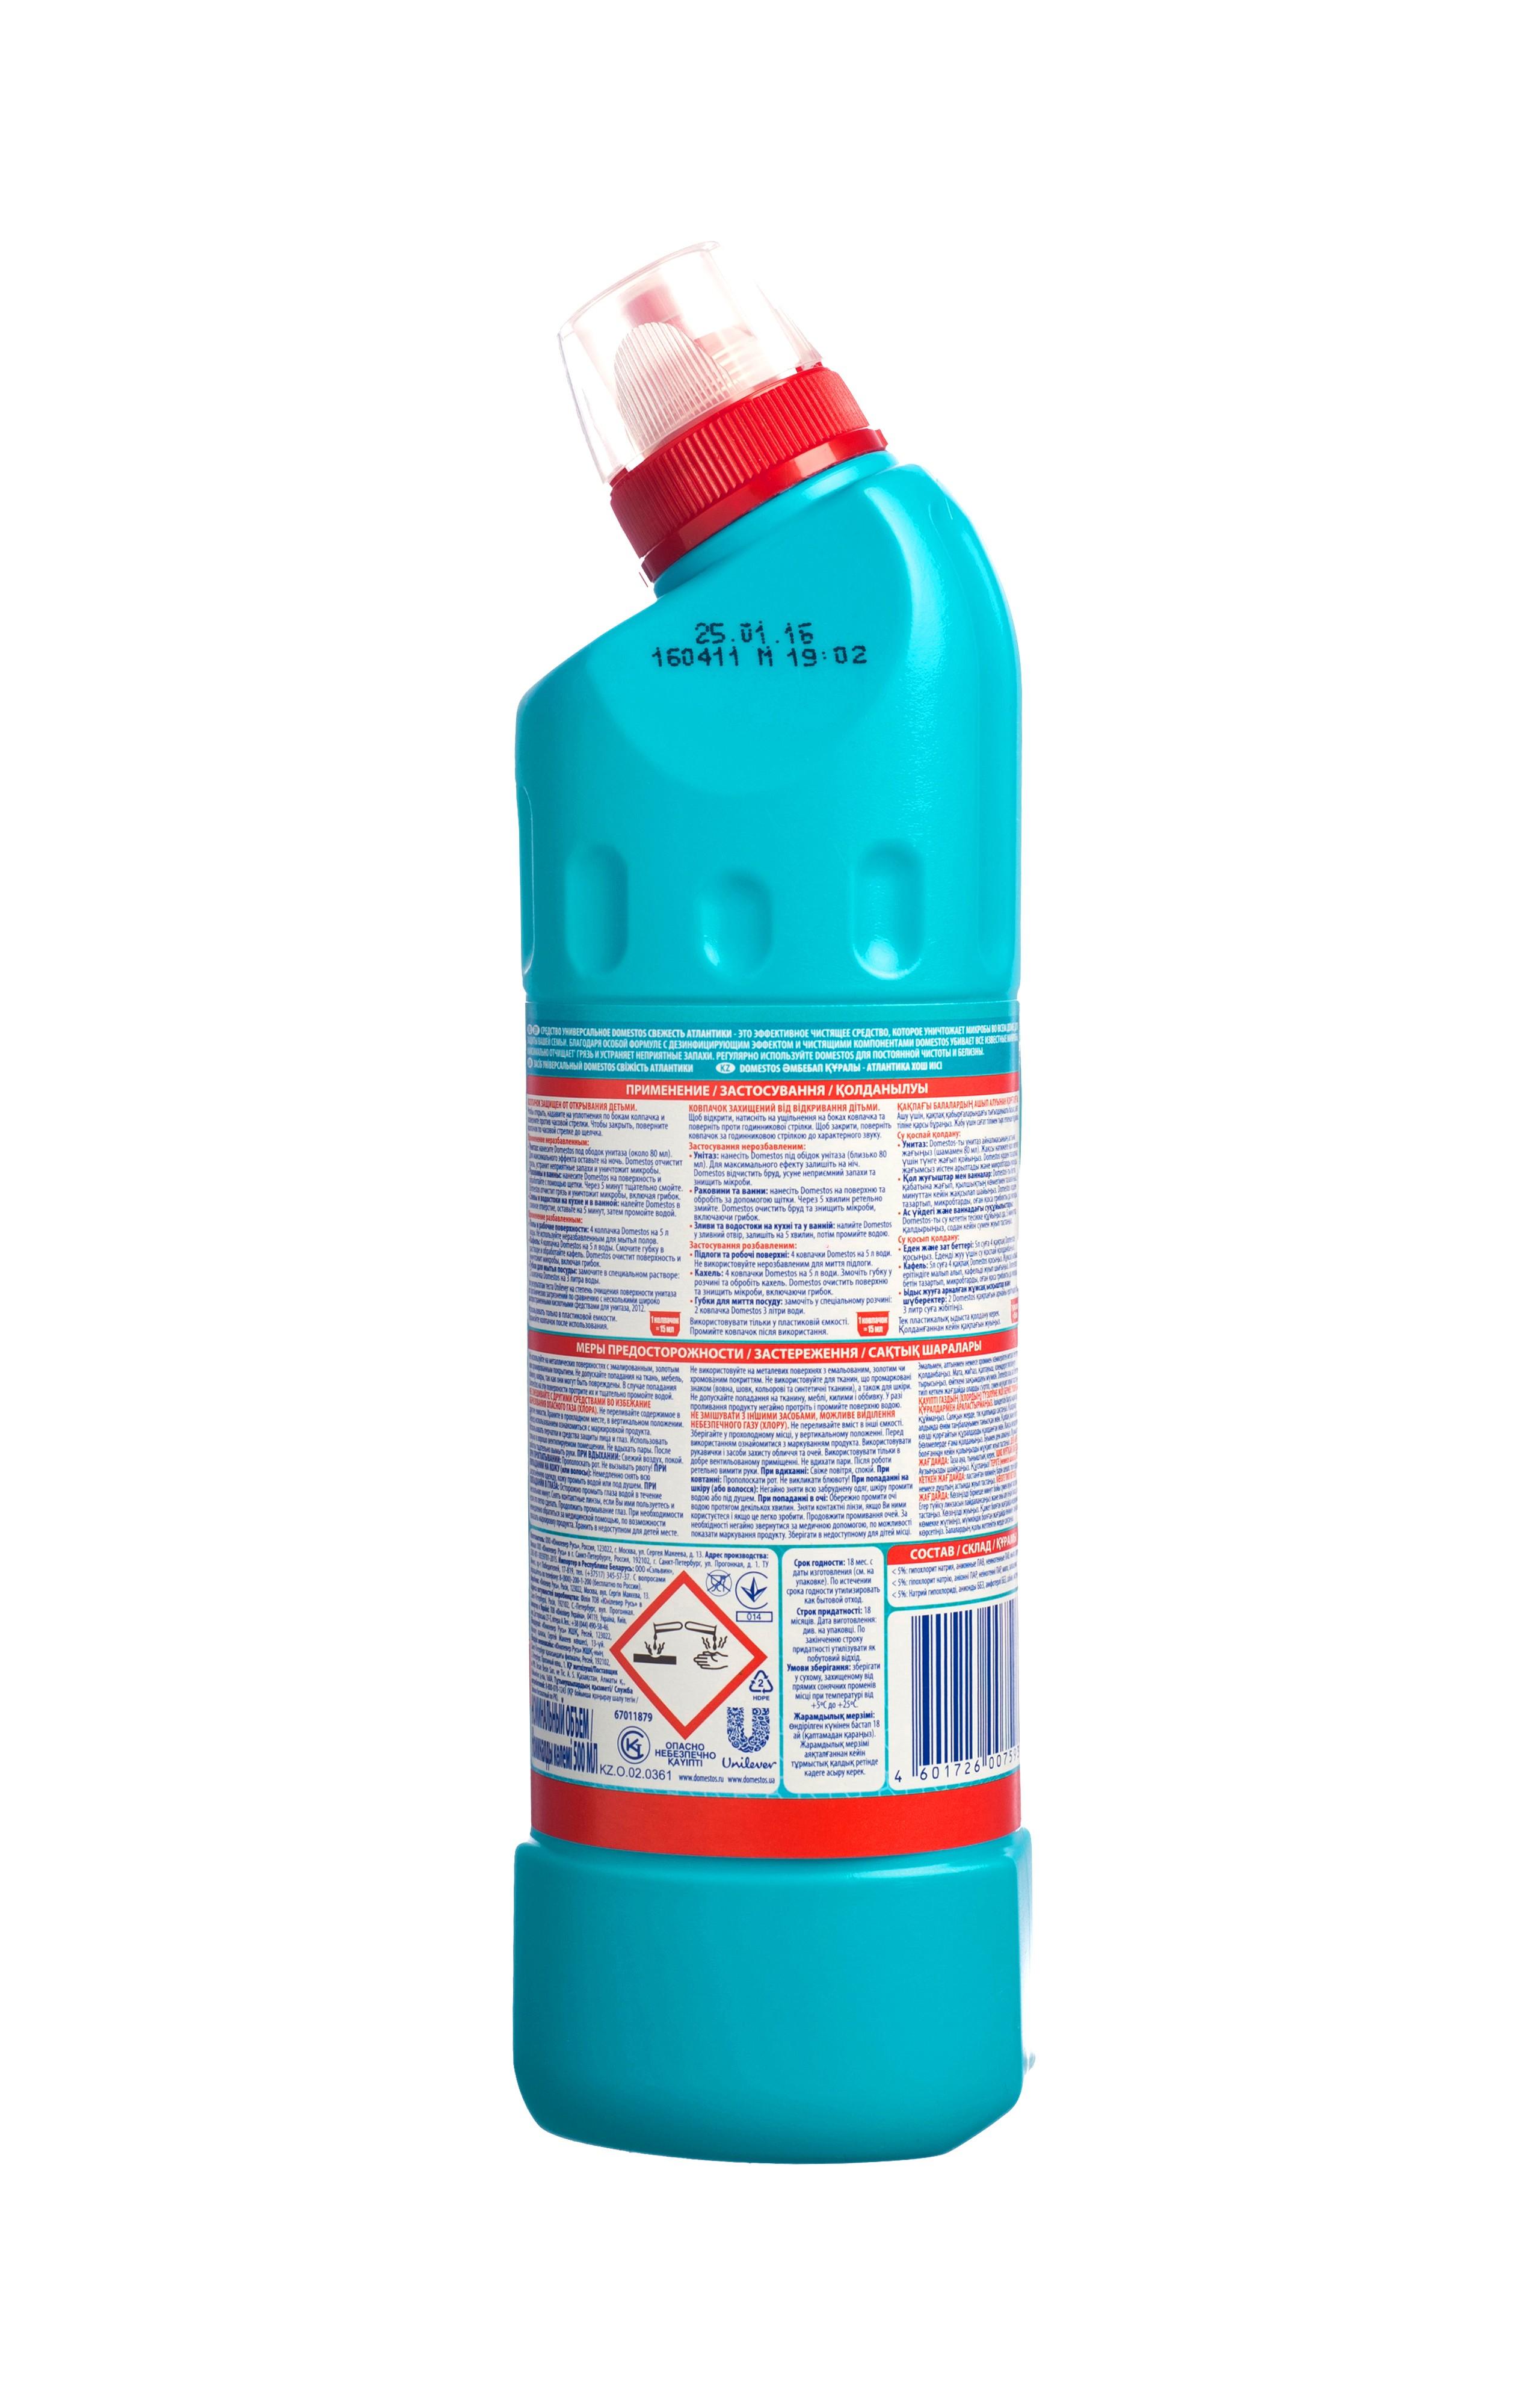 """Универсальное чистящее средство Domestos """"Двойная сила. Свежесть Атлантики"""" подходит для  уборки раковин и ванн, кафеля, пола, унитаза, сливов и водостоков на кухне и в ванной. Чистит до  блеска, дезинфицирует и отбеливает. Domestos не только очищает поверхности, но и помогает  бороться со всеми известными микробами - в том числе, вызывающими опасные заболевания,  обеспечивая свежий аромат.  Густой, многофункциональный, экономичный и невероятно эффективный. Среди средств для  туалетов Domestos - бесспорный лидер, благодаря густой формуле и удобной форме бутылки.  Нельзя забывать, что гигиена важна не только в туалете, но и в ванной. Влага и тепло -  идеальные условия для размножения бактерий, грибка, плесени. Регулярное использование  небольшого количества Domestos на мокрой тряпке или губке в ванной убирает мыльной осадок,  темные пятна, дезинфицирует поверхности.  Domestos безопасен. При надлежащем использовании Domestos абсолютно безвреден как для  людей, так и для окружающей среды: содержащееся в нем активное дезинфицирующее вещество  сразу после применения распадается на безопасные компоненты.  Состав: менее 5%: гипохлорит натрия, анионные ПАВ, неионогенные ПАВ, мыло, отдушка.   Товар сертифицирован."""